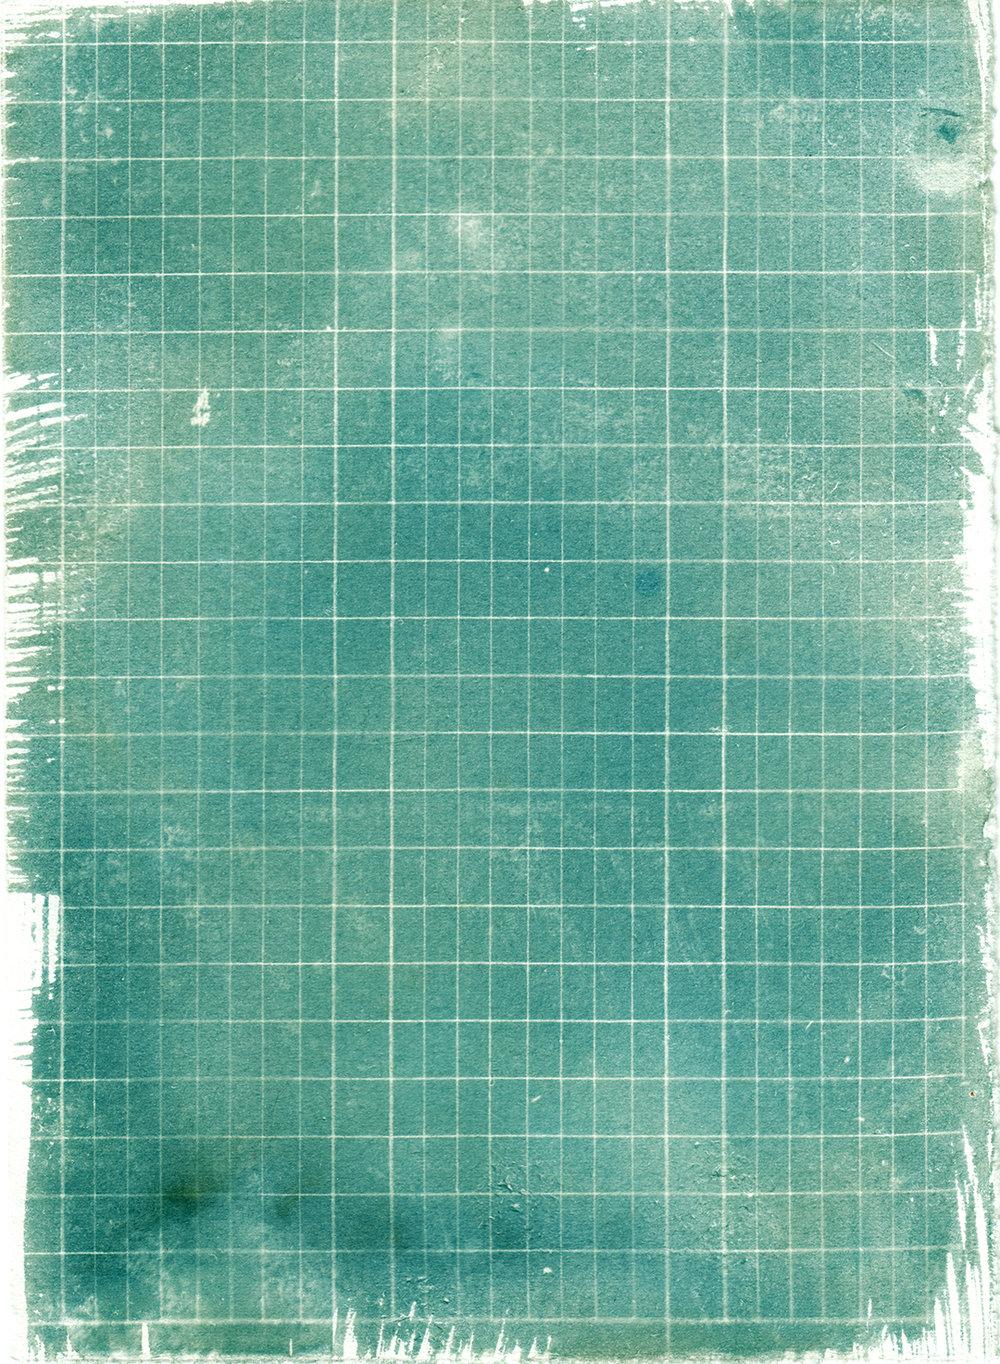 Aquatic Lines